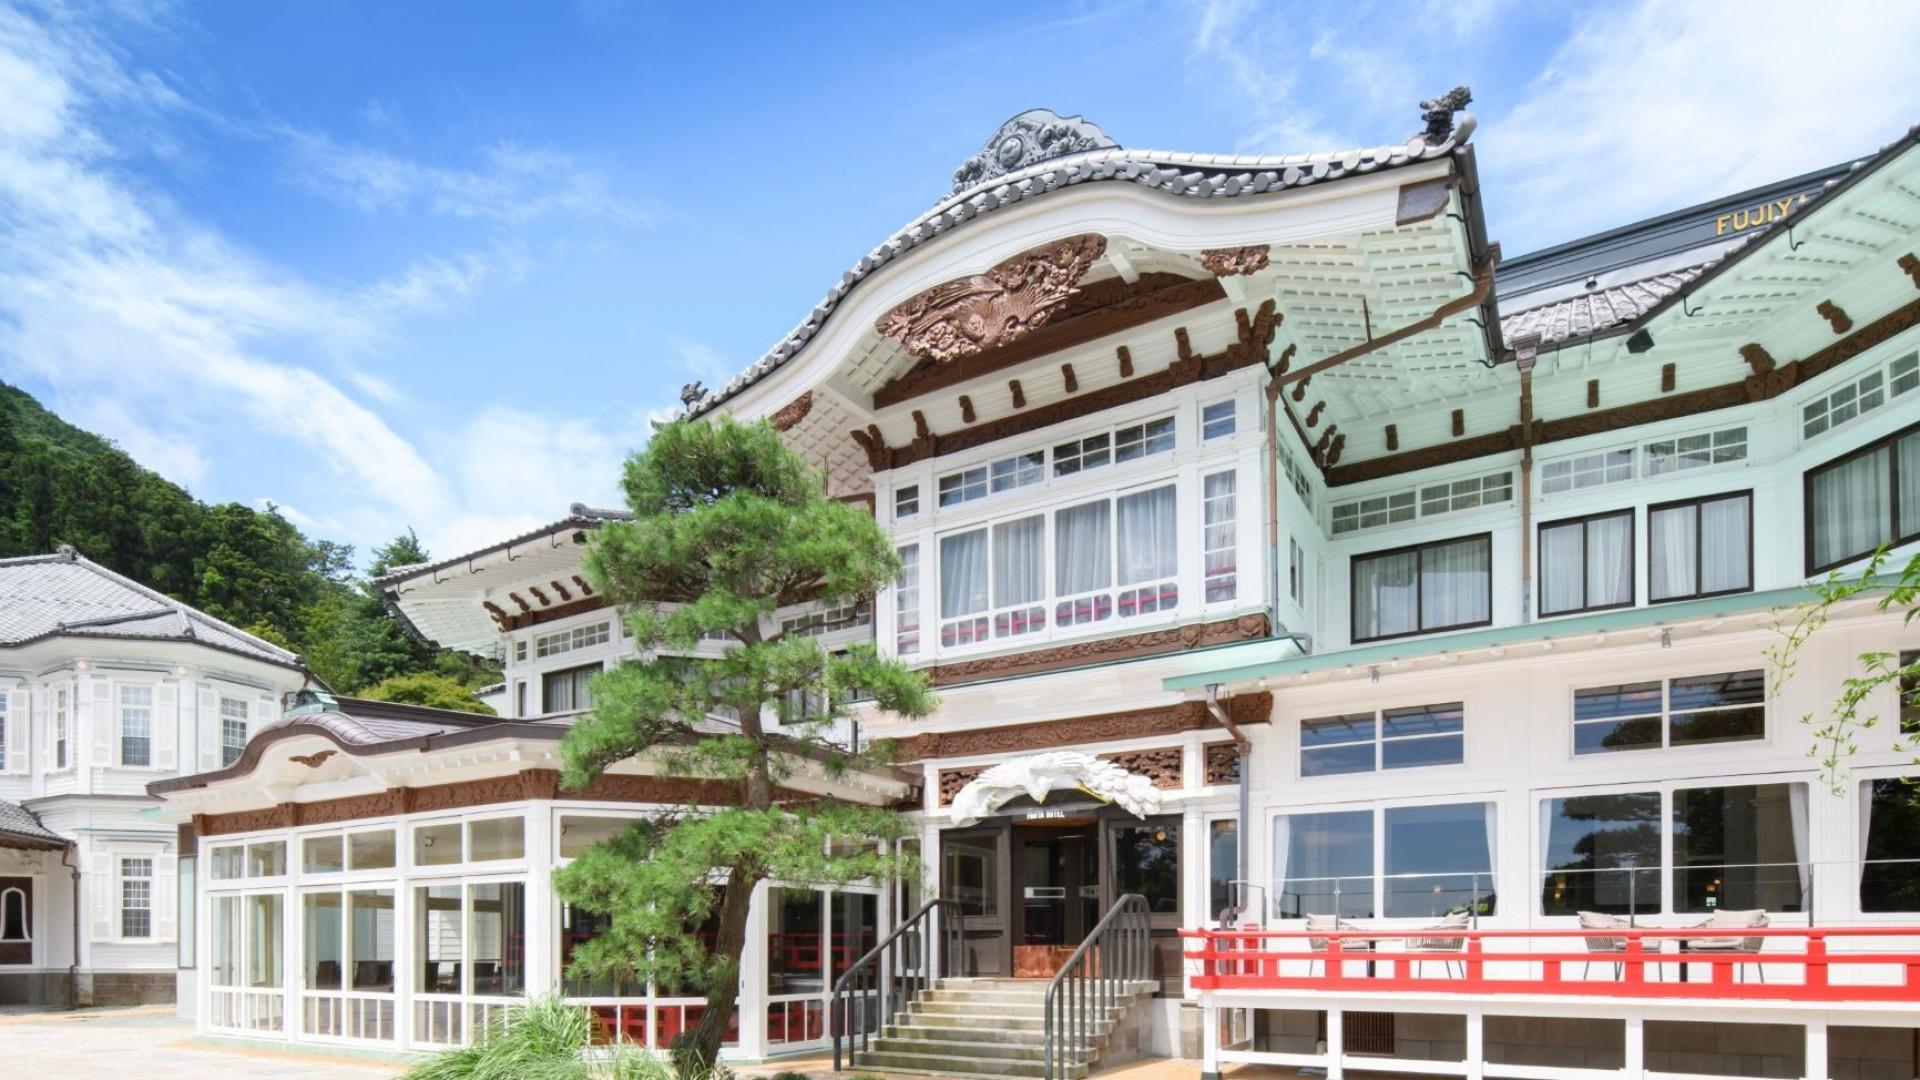 Fujiya Hotel Show Plates